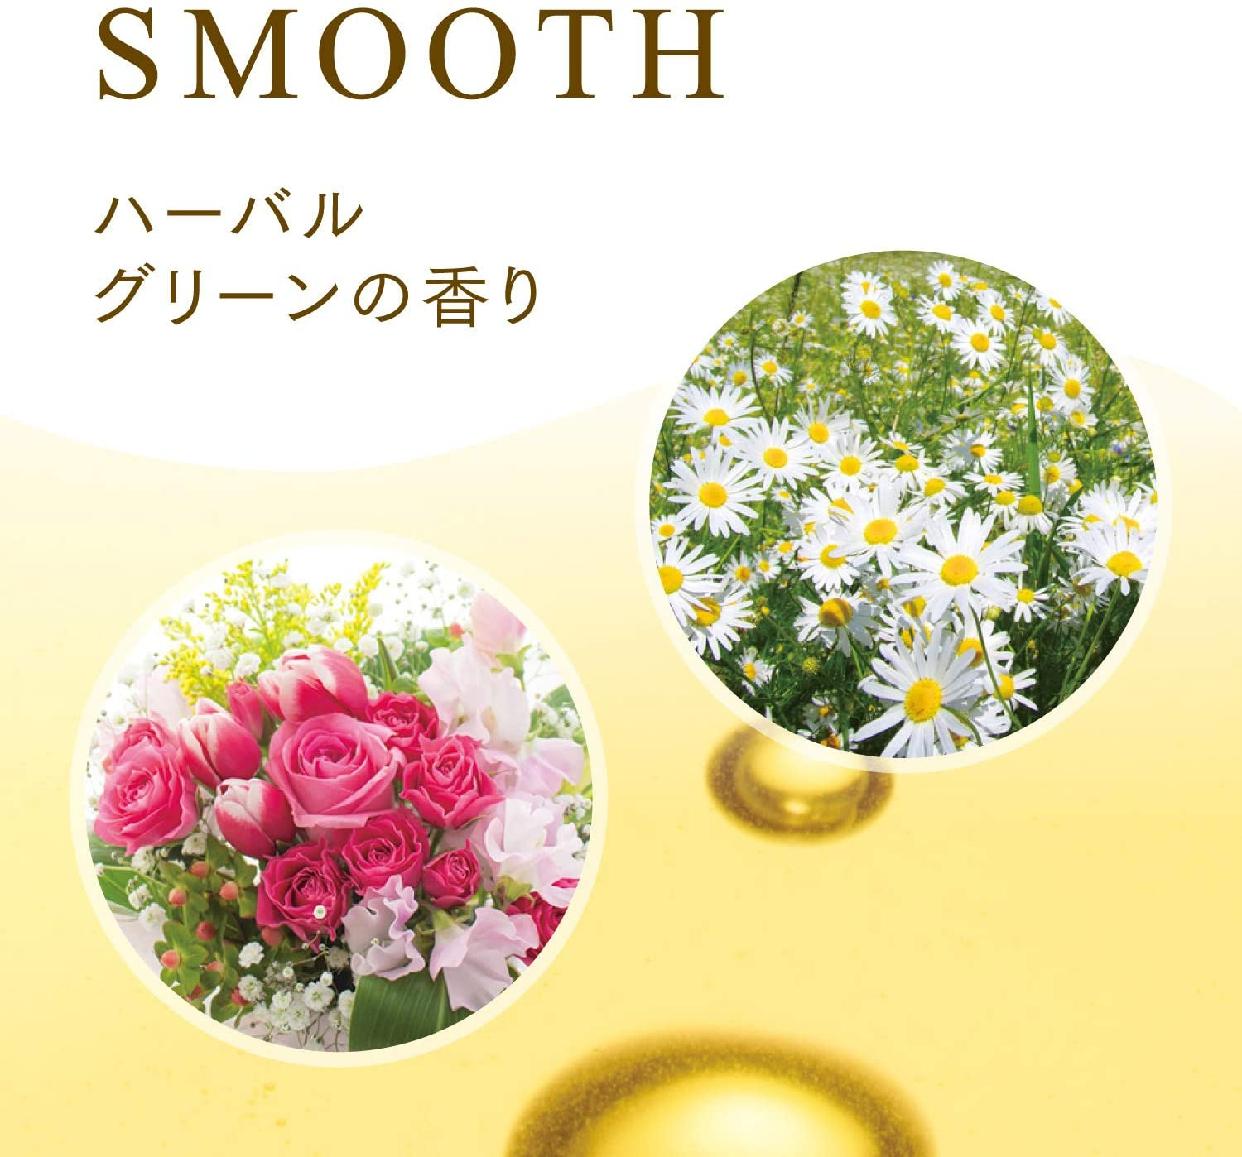 いち髪(ICHIKAMI) ナチュラルケアセレクト スムース シャンプーの商品画像7